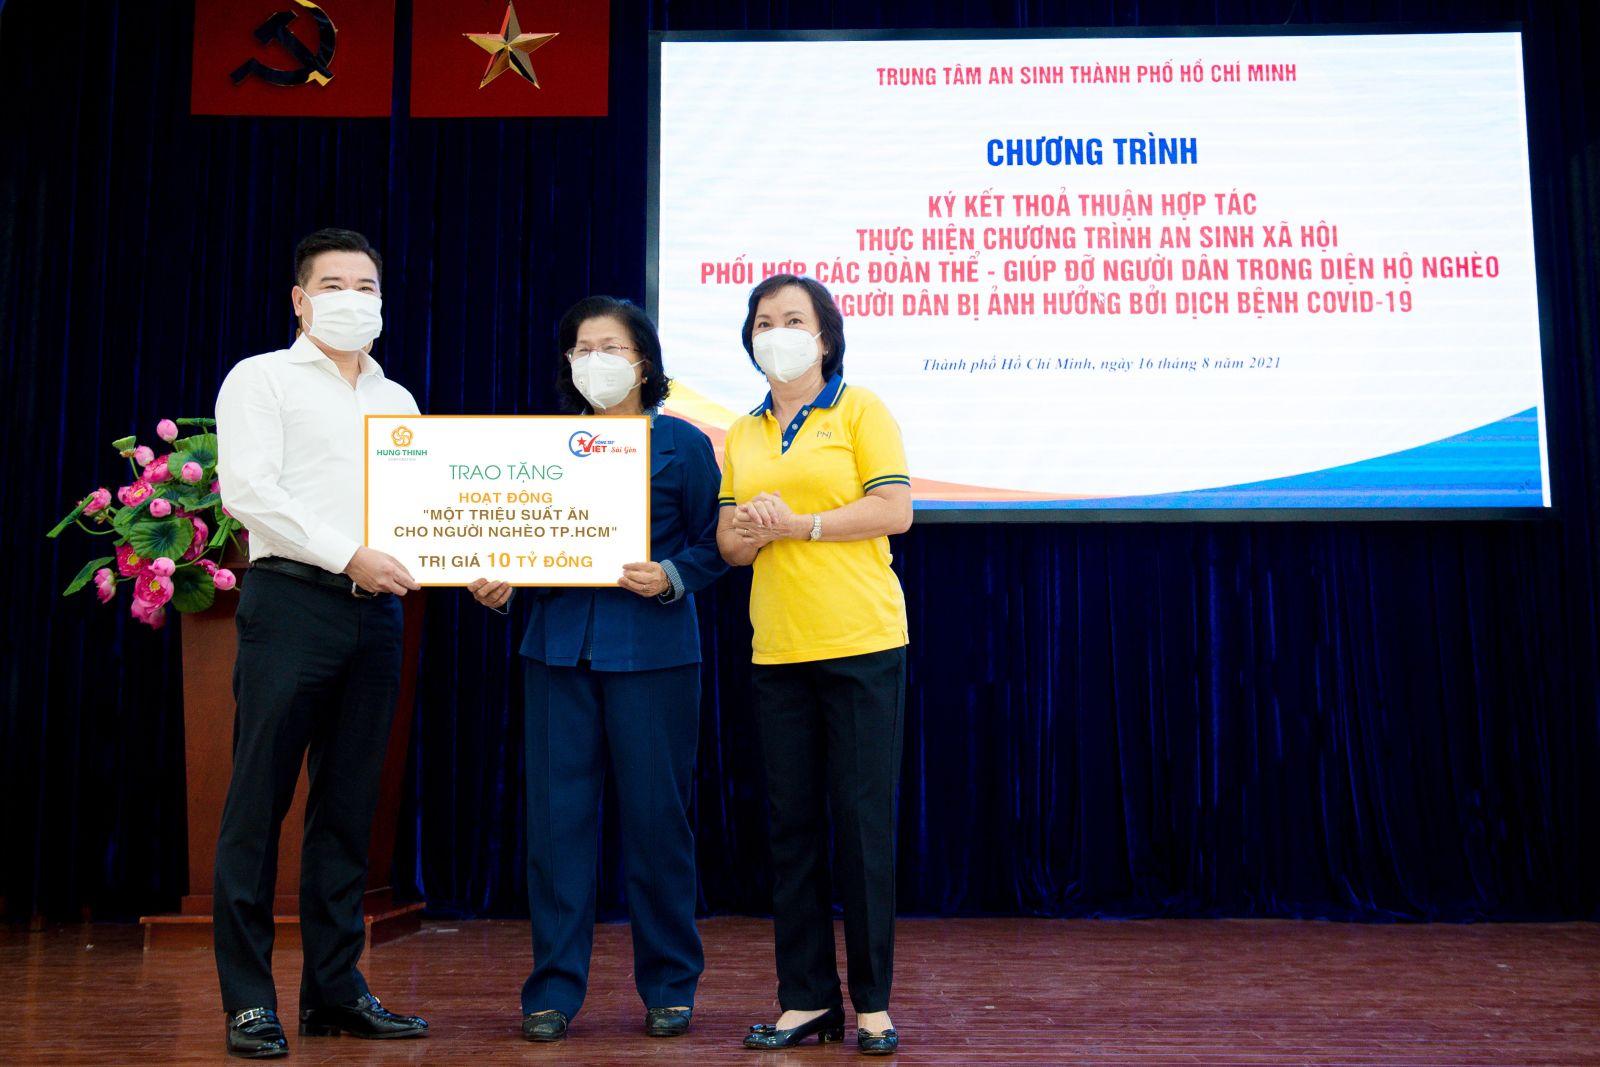 Ông Nguyễn Đình Trung trao biểu trưng 10 tỷ đồng cho bà Vũ Kim Hạnh - Chủ tịch Hội Doanh nghiệp Hàng Việt Nam chất lượng cao, đại diện BTC chương trình